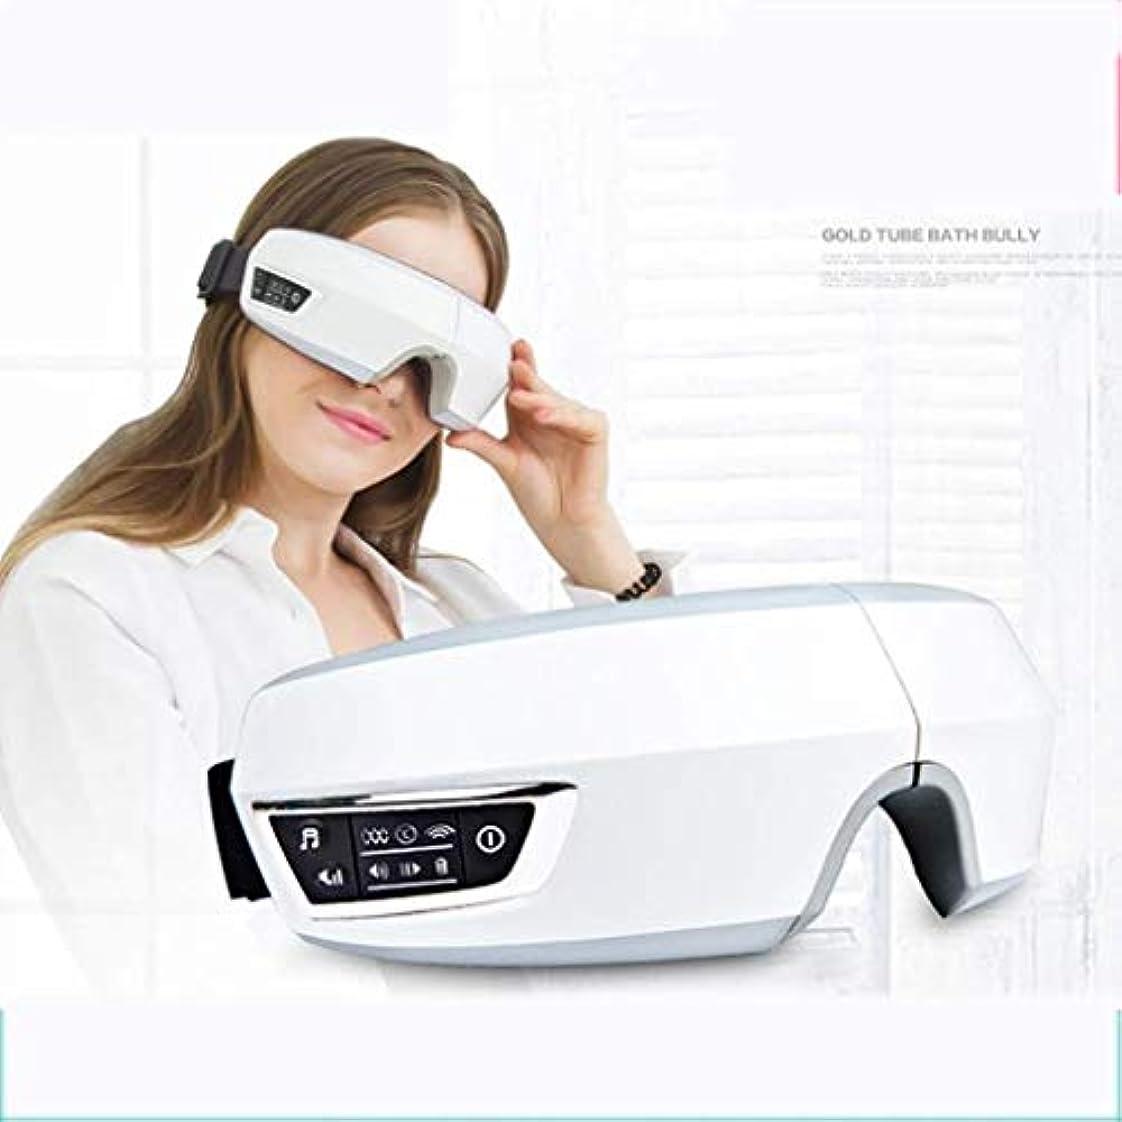 悪い酸化する玉USB充電アイマッサージャー、アイケアアイマッサージ器具、ホットコンプレス、ダークアイビューティー器具の改善、視力保護アイピース、疲労軽減